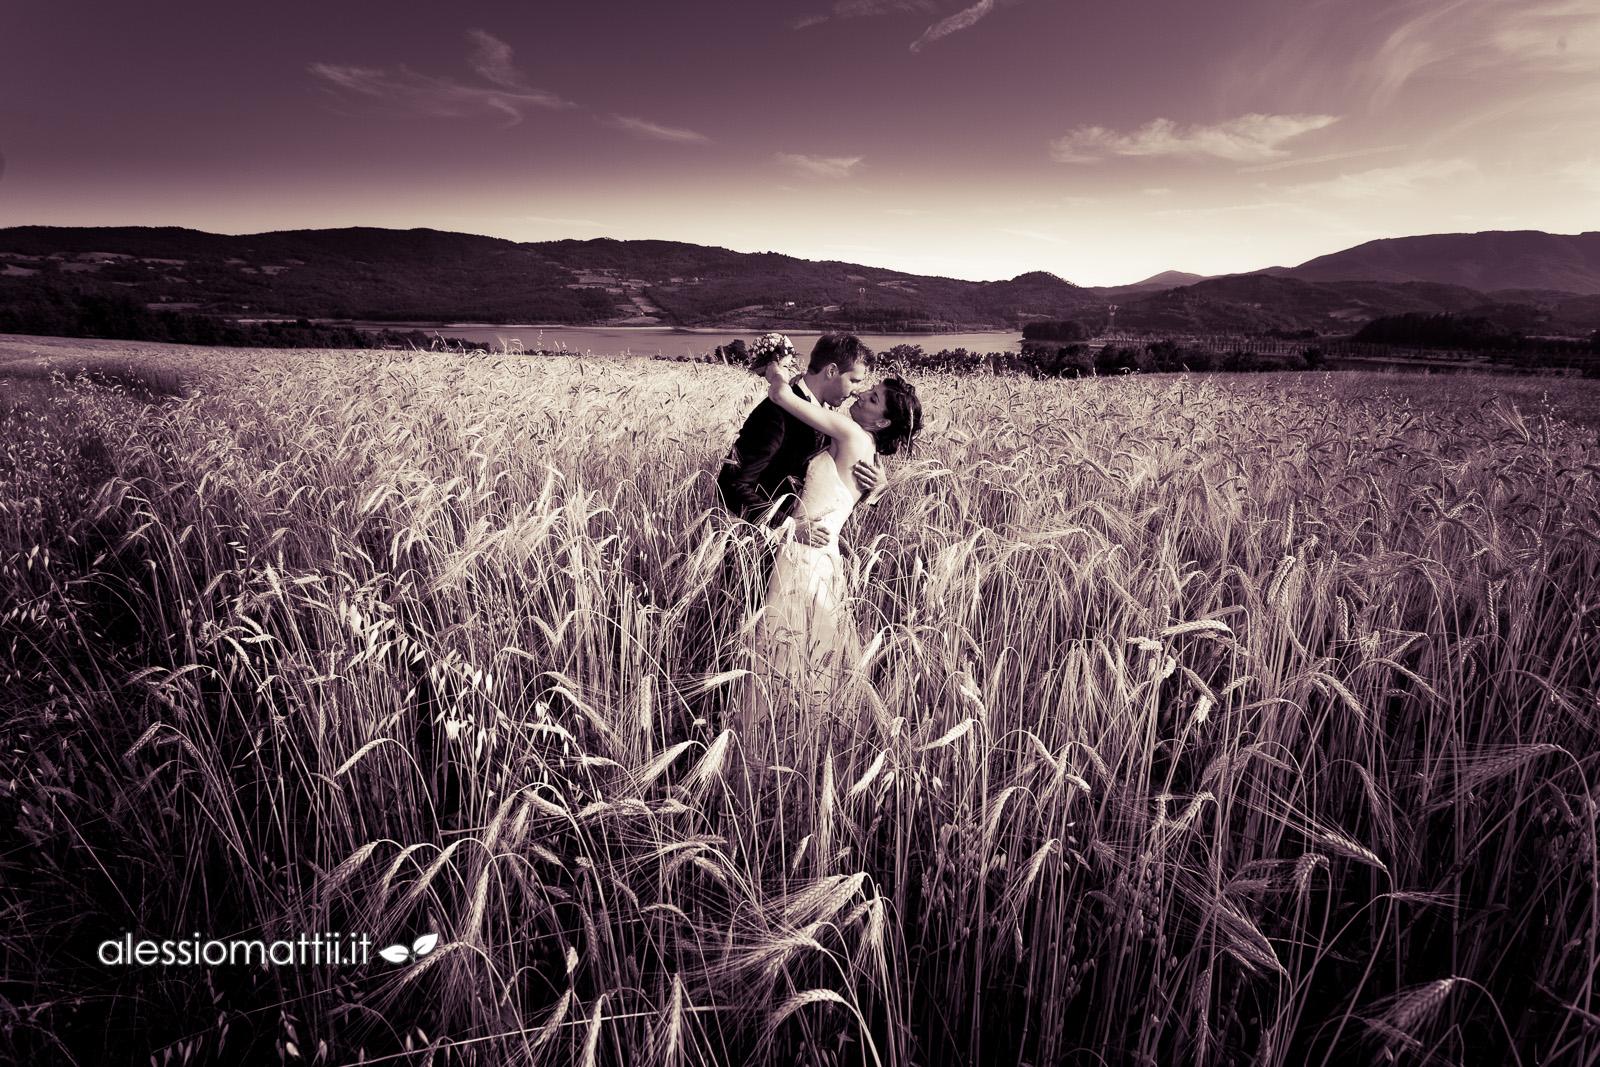 fotografia reportage matrimonio Firenze bacio nel campo di grano